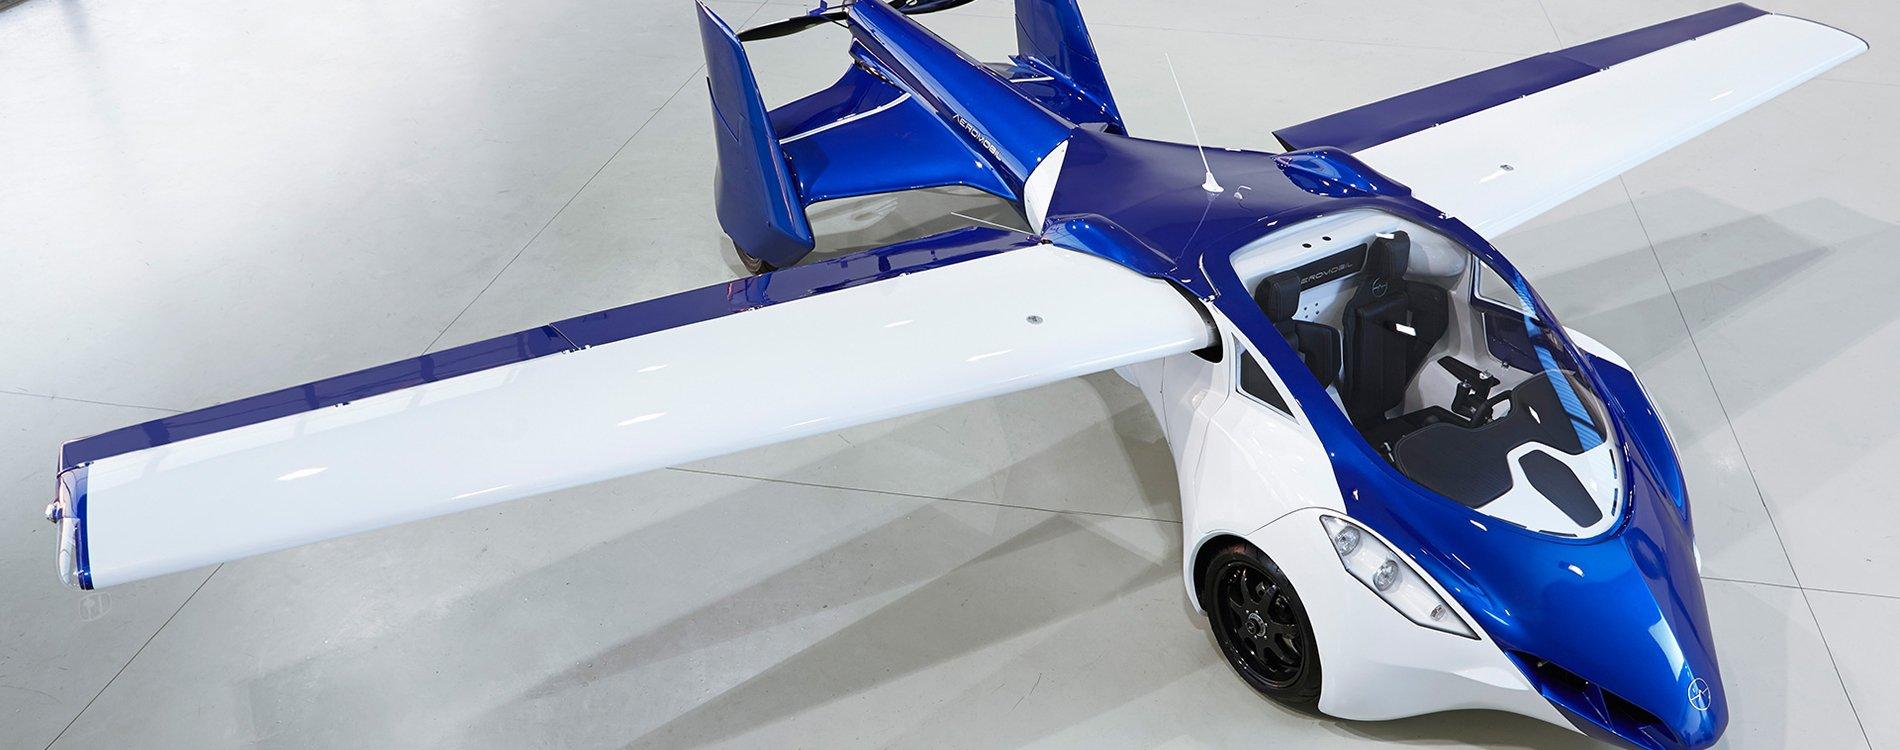 AeroMobil 3.0, del asfalto al cielo